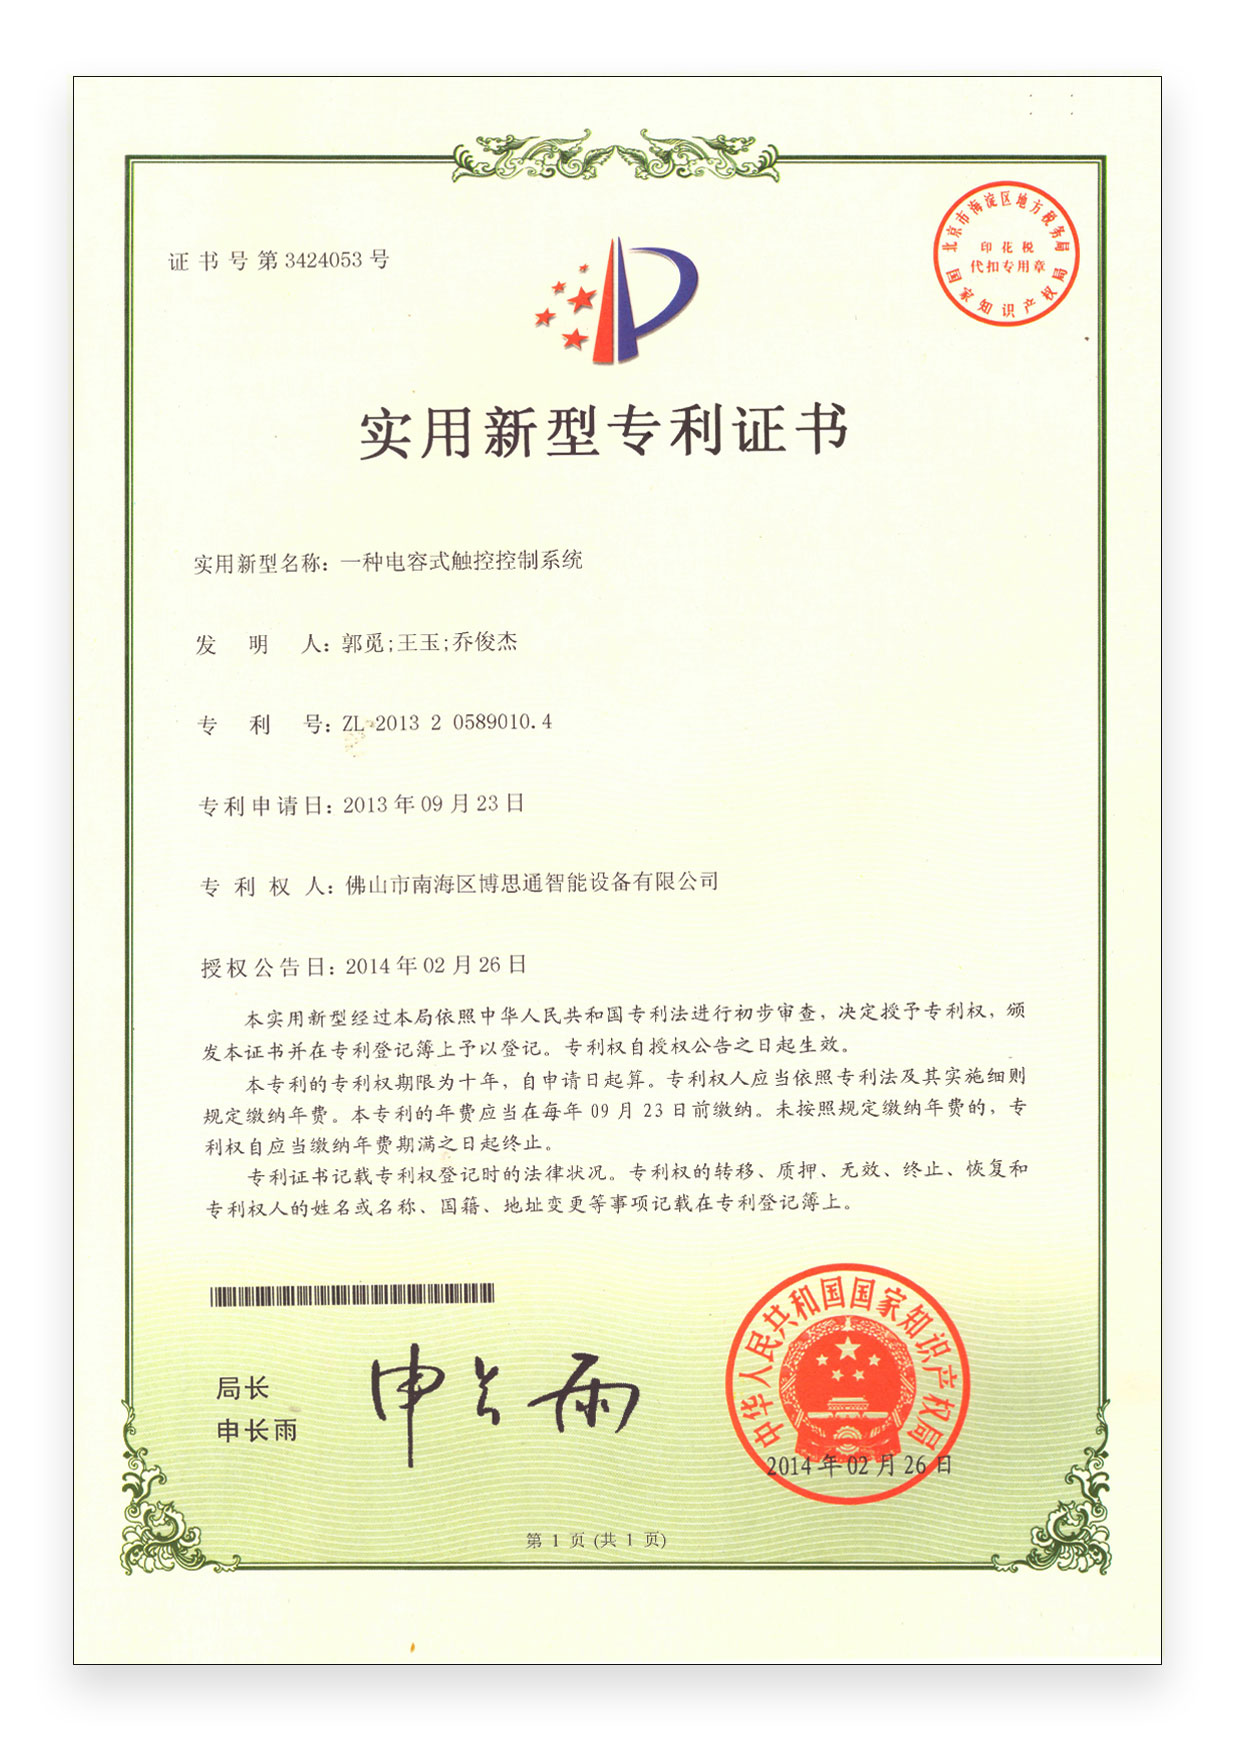 實用新型專利權證書—— 一種電...